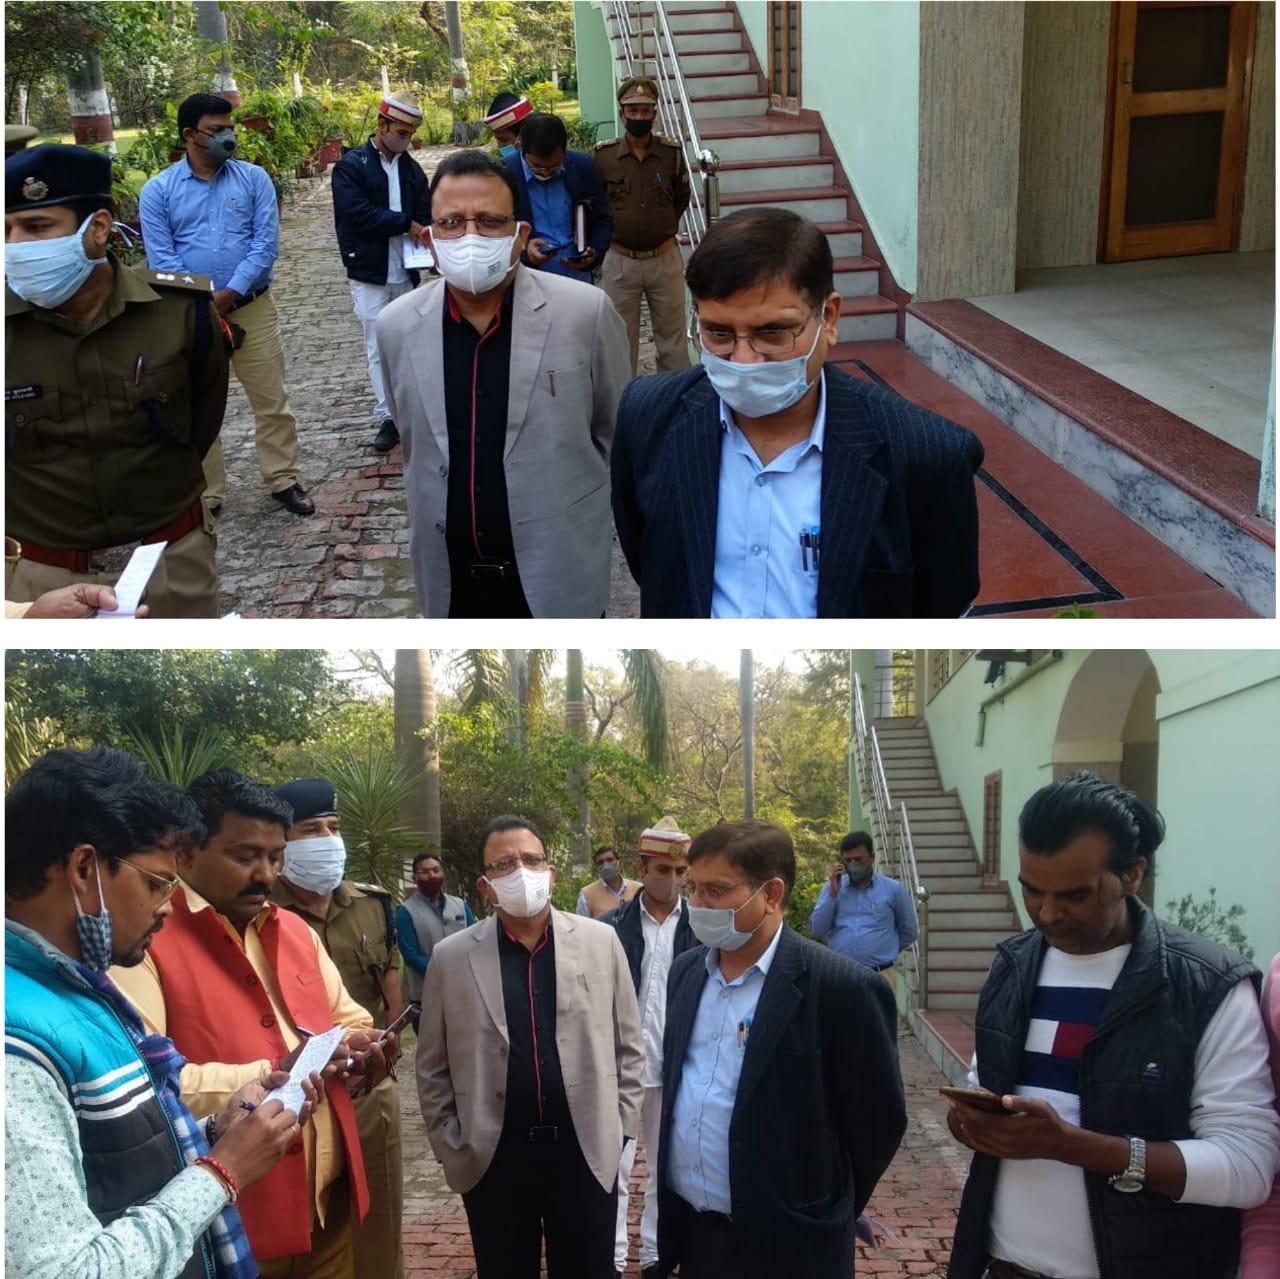 विधानसभा निर्वाचन क्षेत्रों की निर्वाचक नामावली का विशेष संक्षिप्त पुनरीक्षण मतदान केंद्रों का किया गया भ्रमण